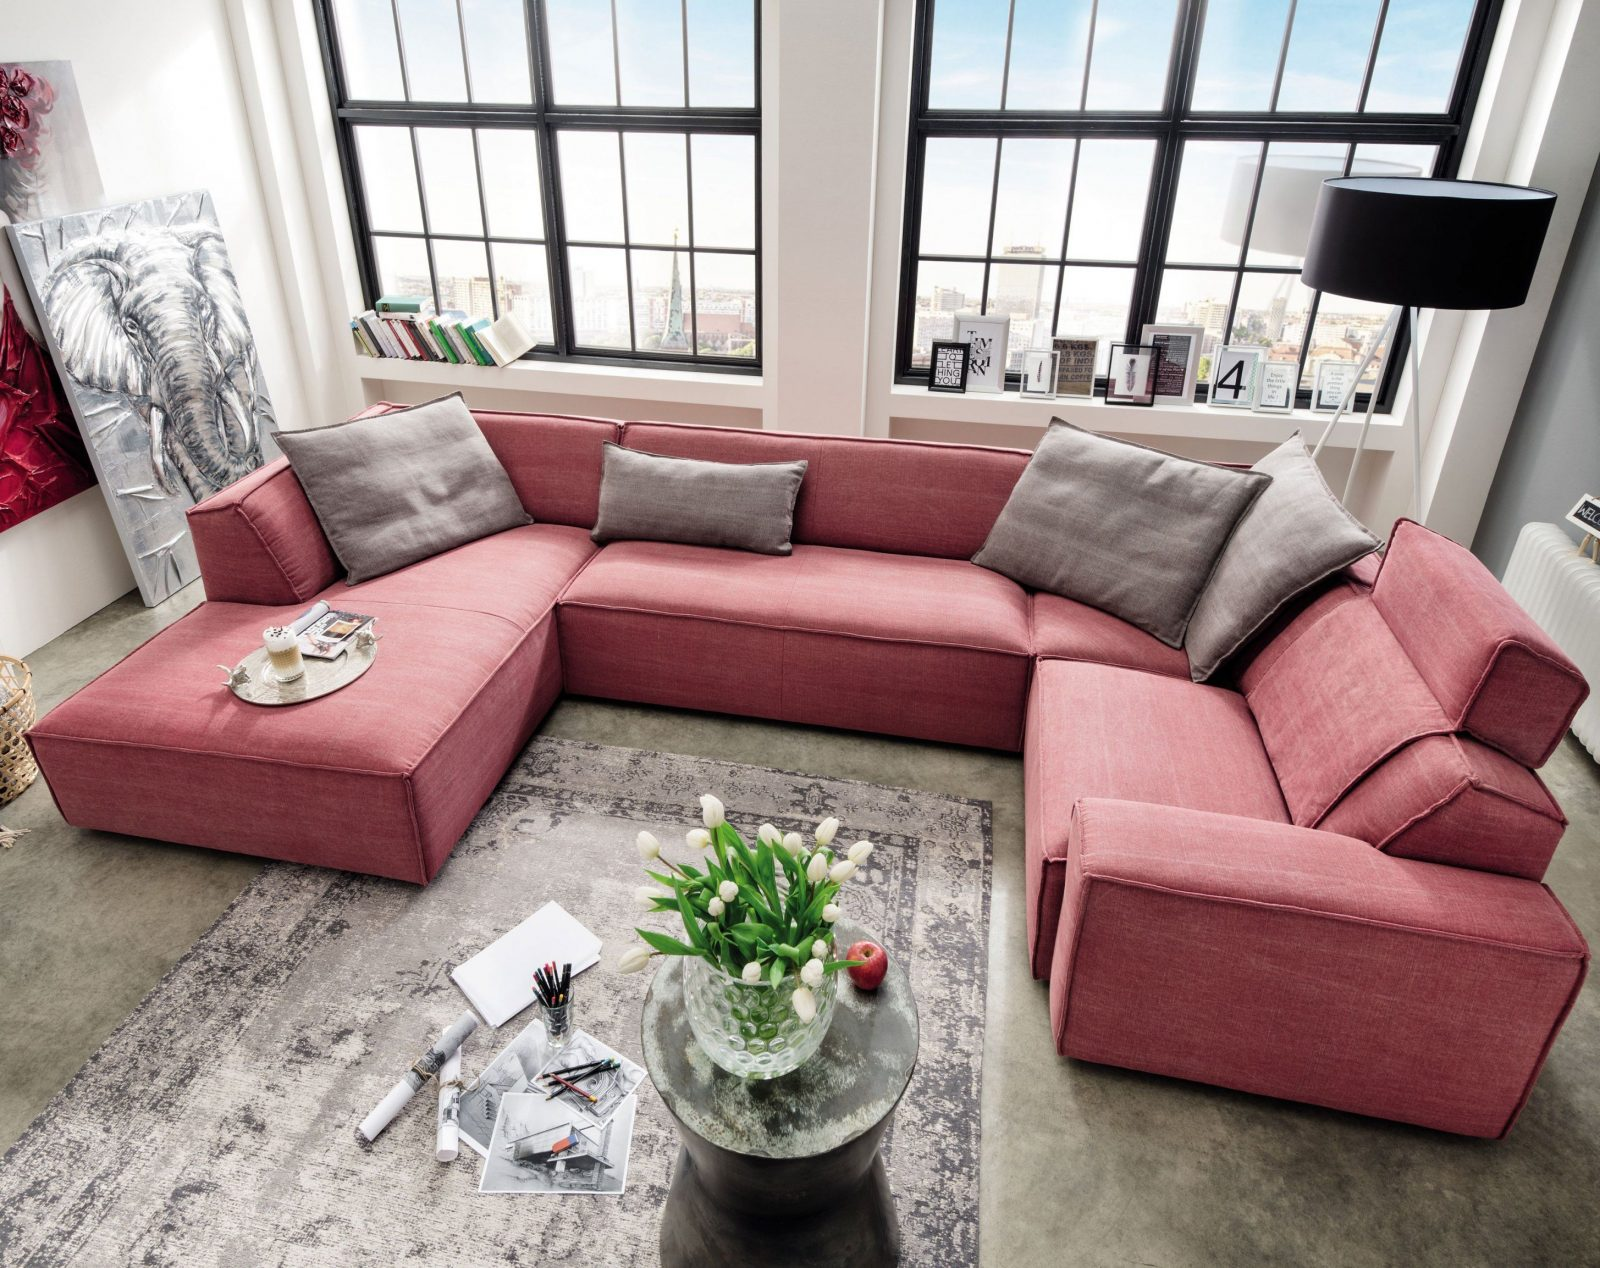 Kleine ledercouch excellent ecksofa kleines wohnzimmer for Wohnzimmer couch gunstig